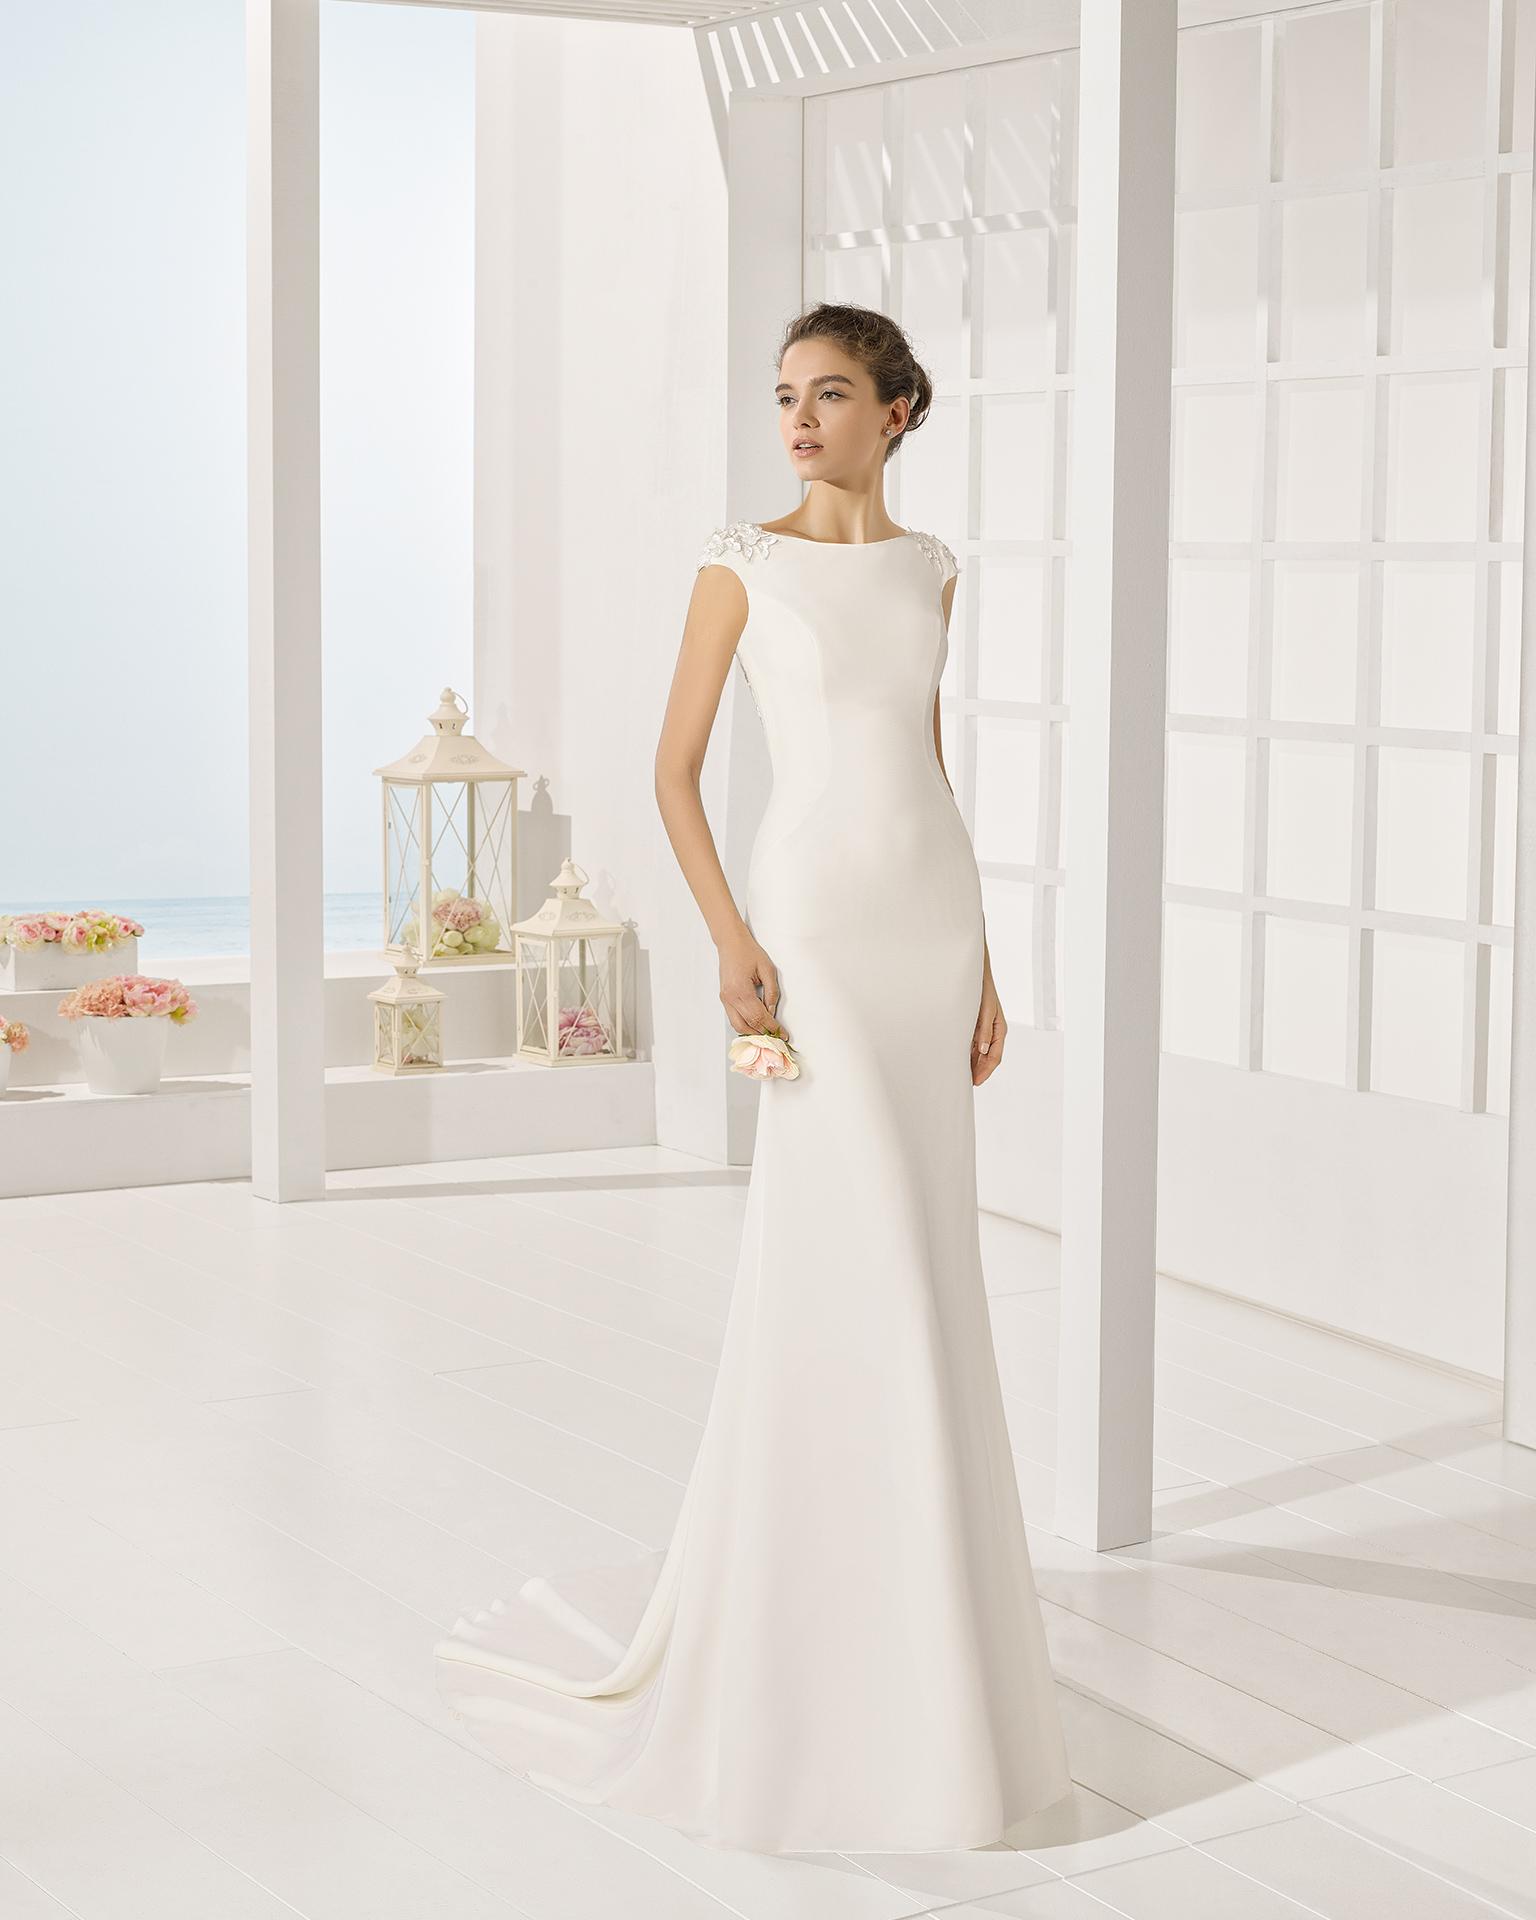 Yvonne wedding dress, Luna Novias 2017